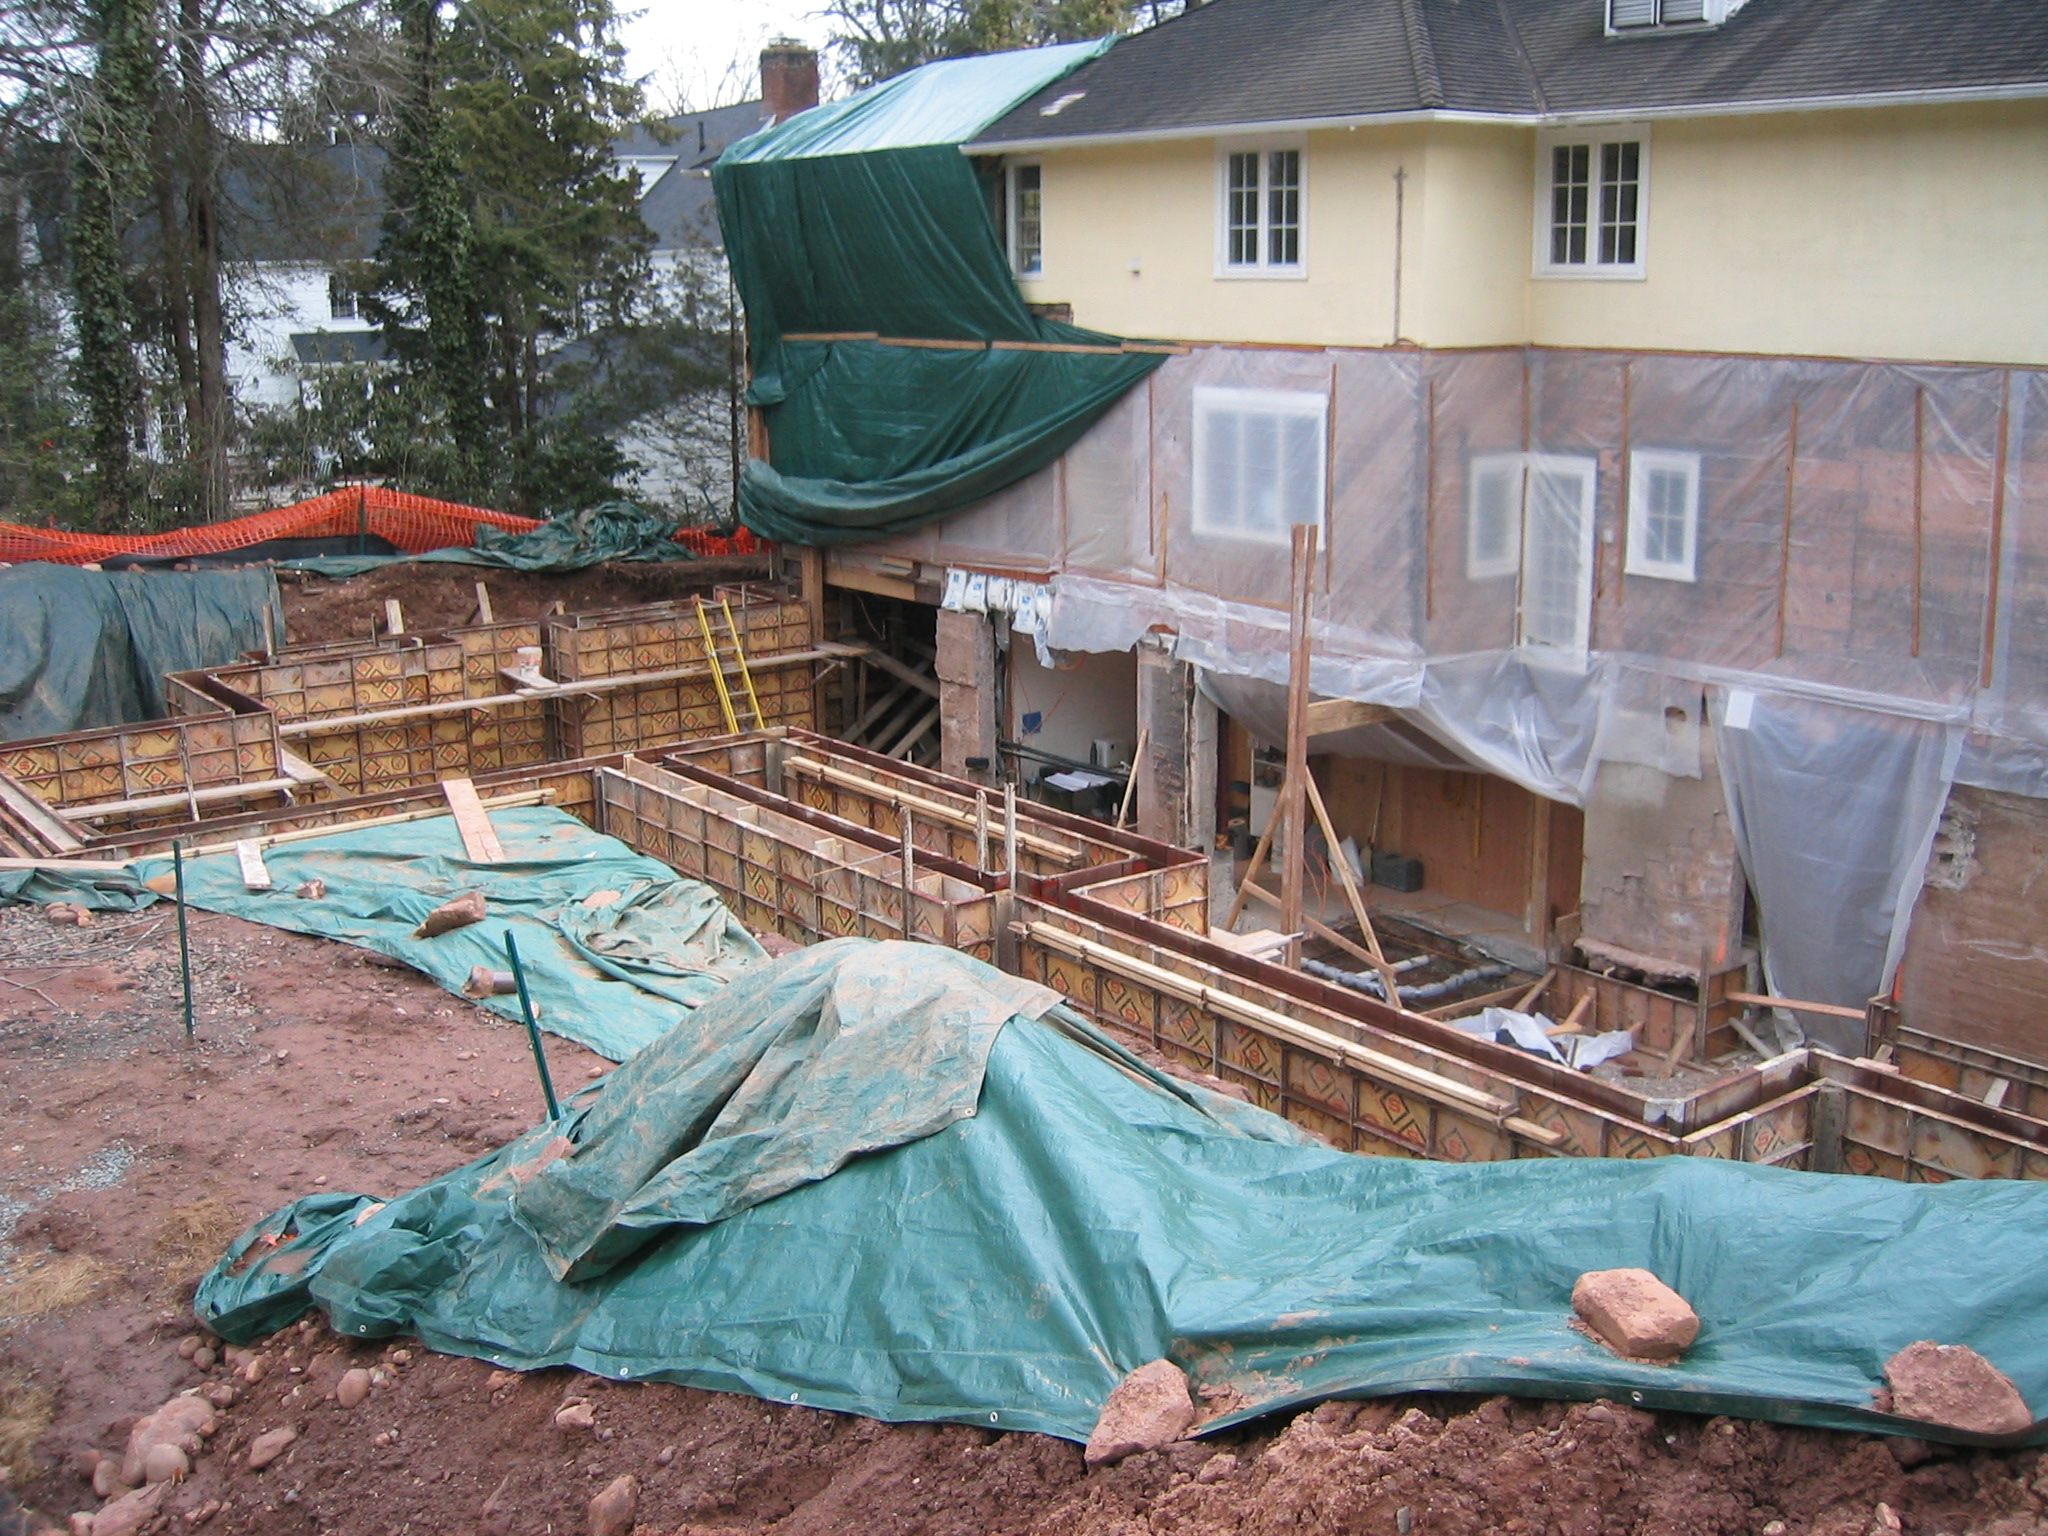 Construction_nj_rkeller_demolish.JPG